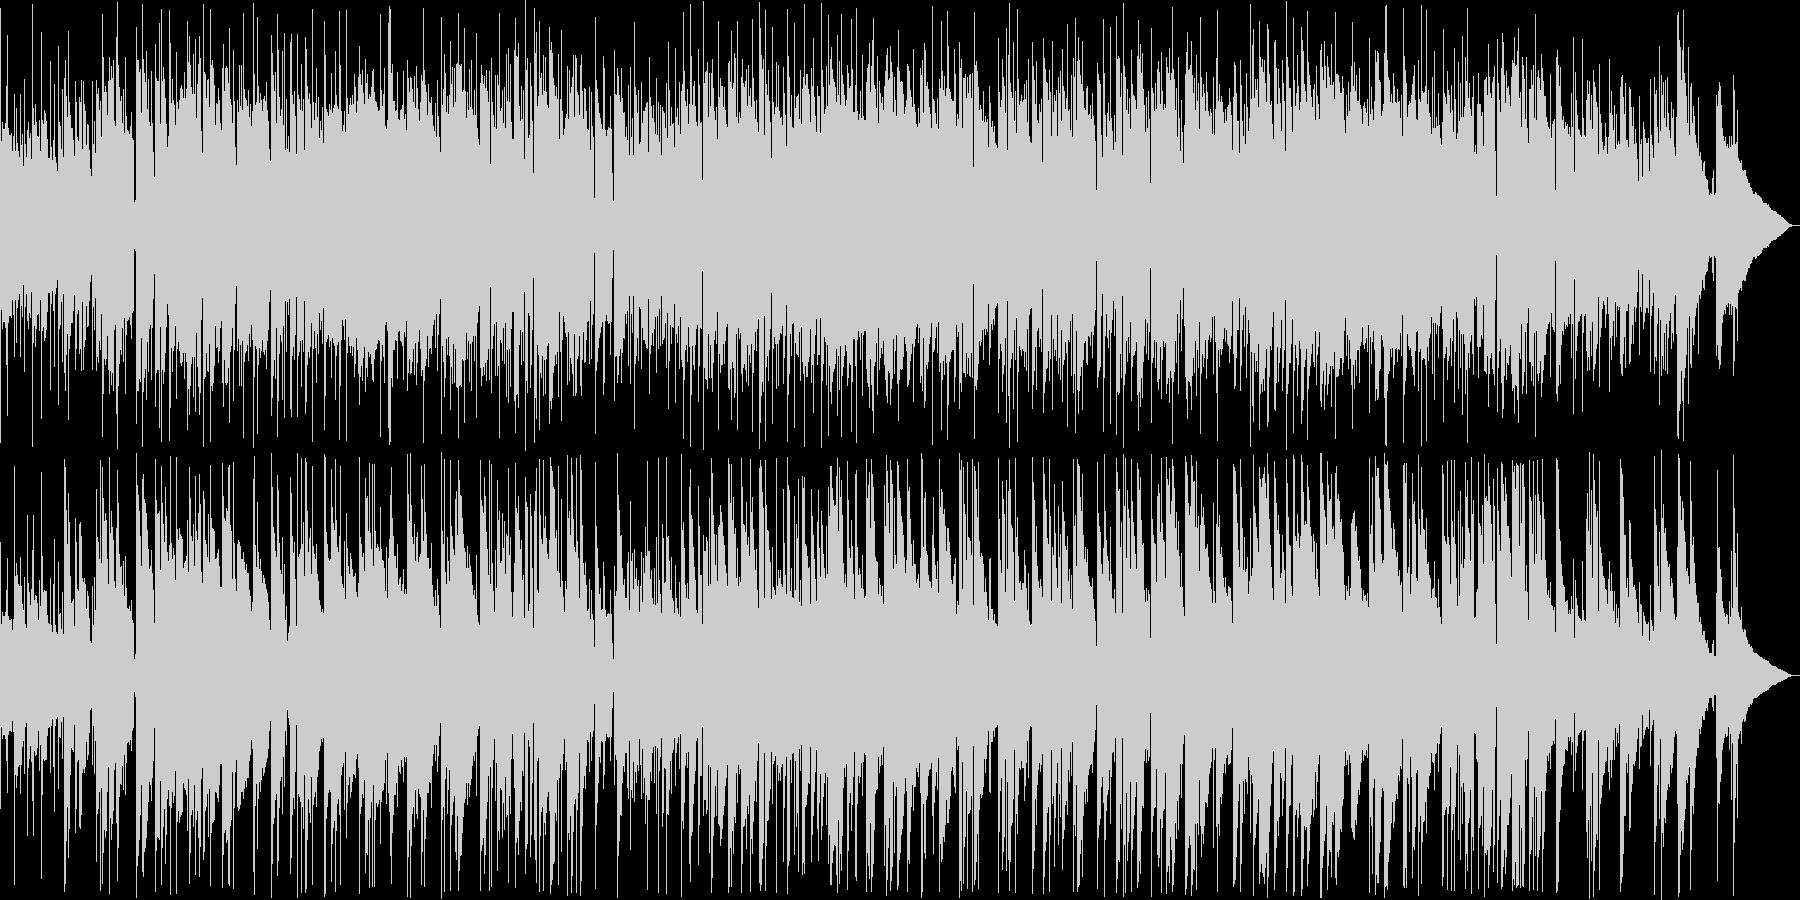 ムードたっぷりのミディアムバラードの未再生の波形